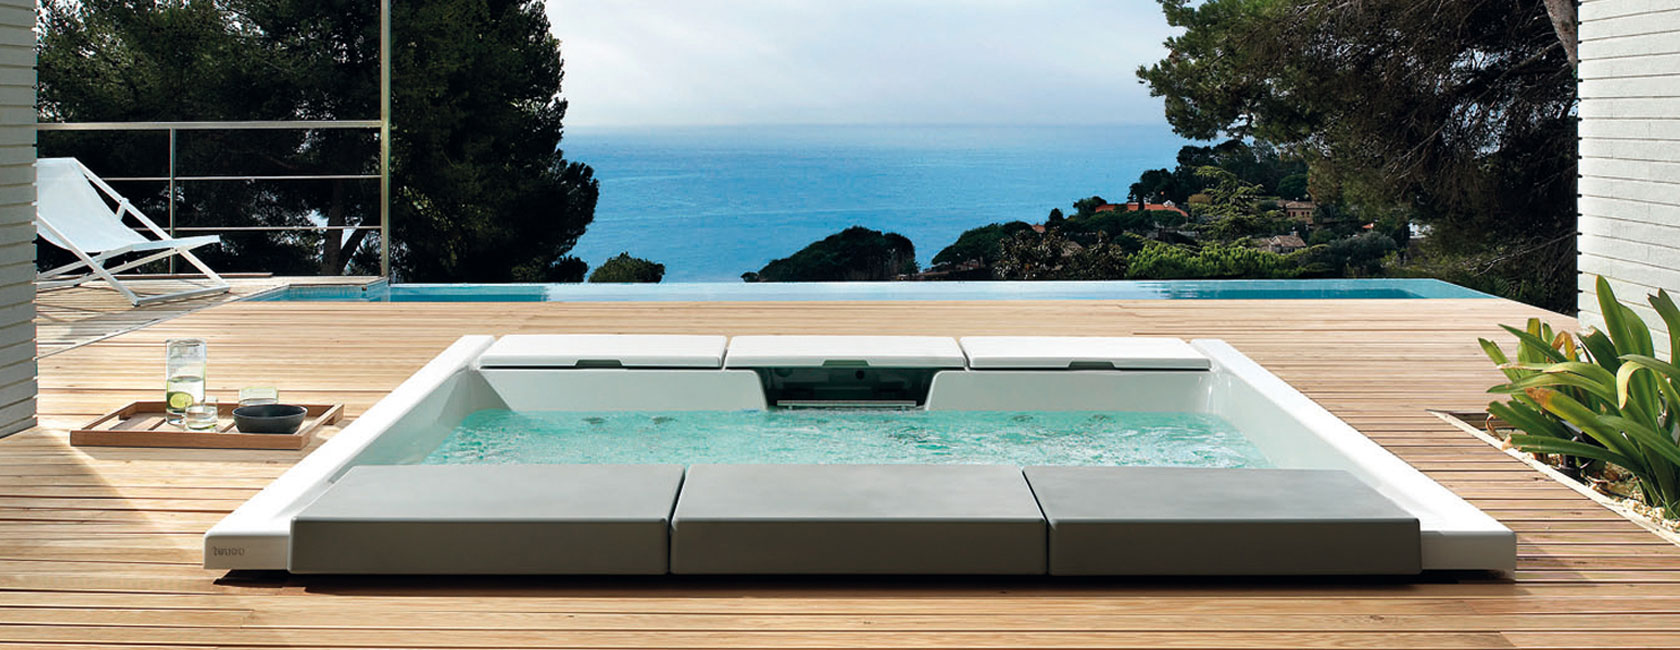 Vendita Piscine A Catania vasche idromassaggio ⋆ costruzione piscine catania